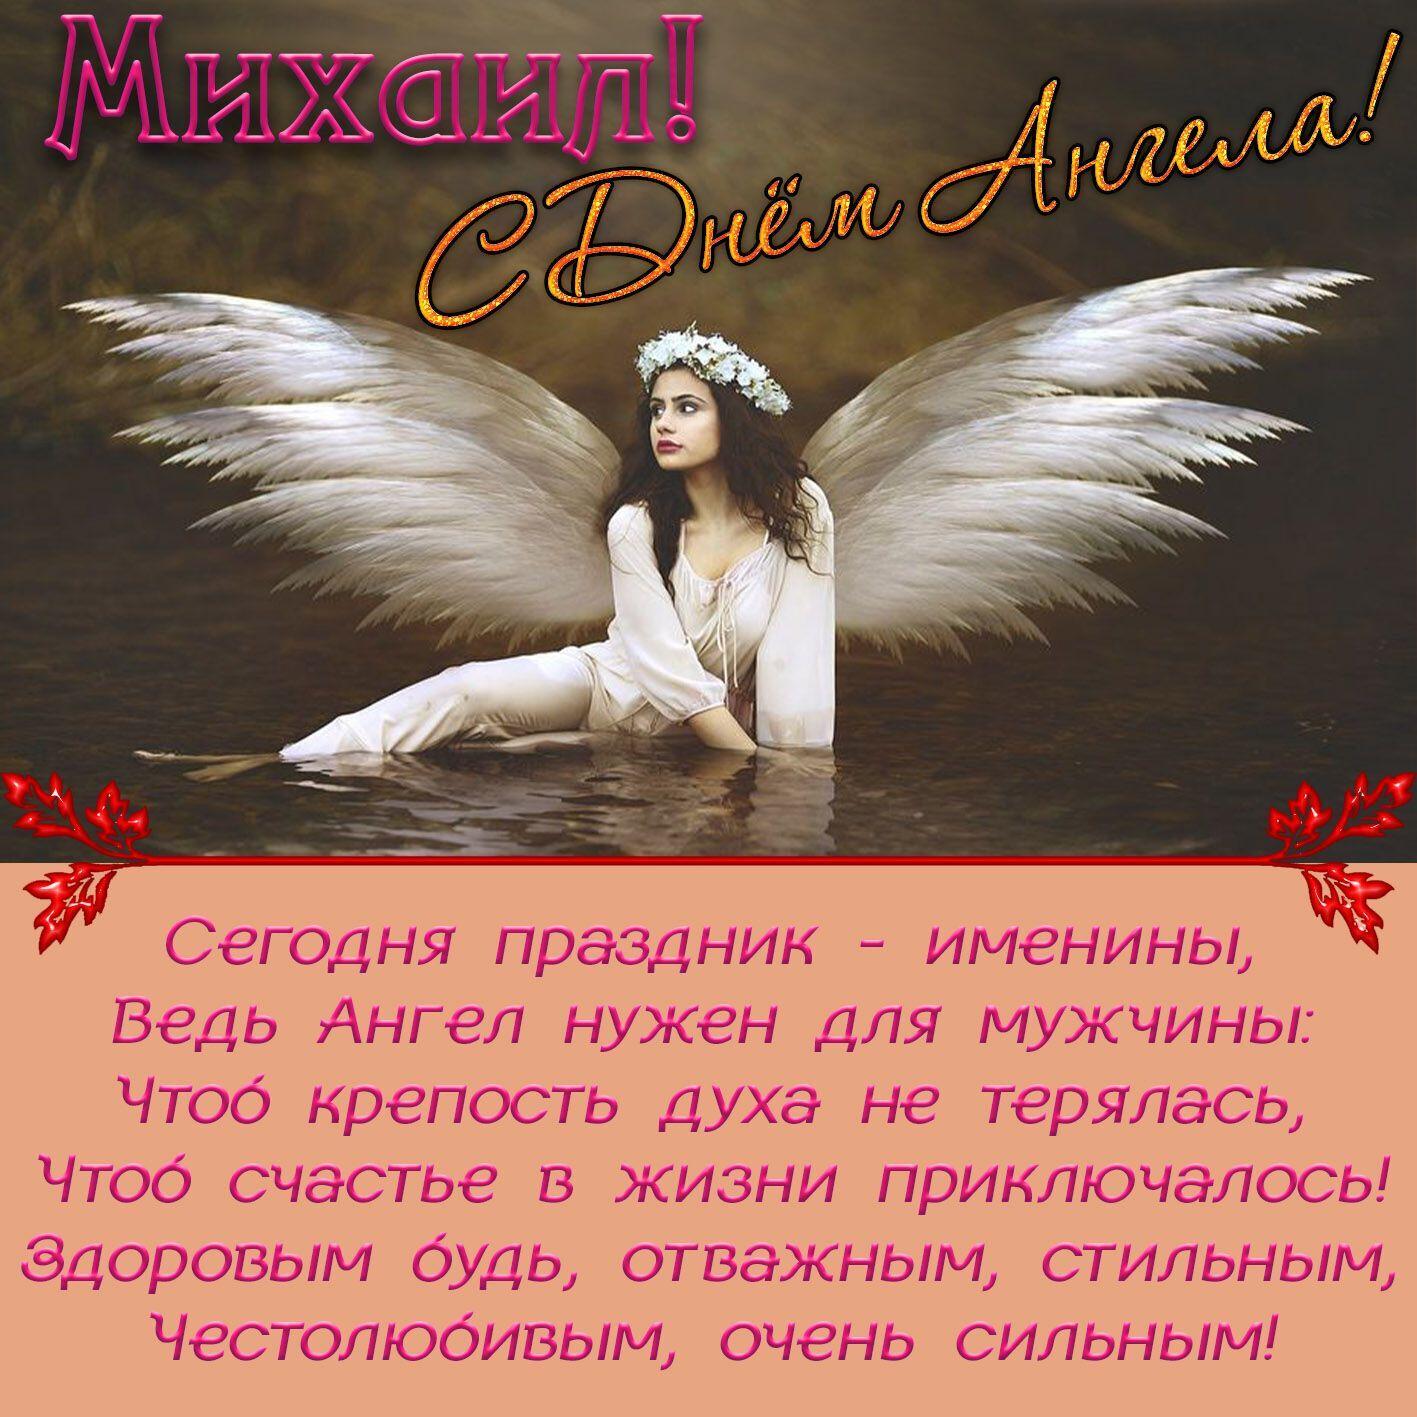 Открытка в день ангела Михаила